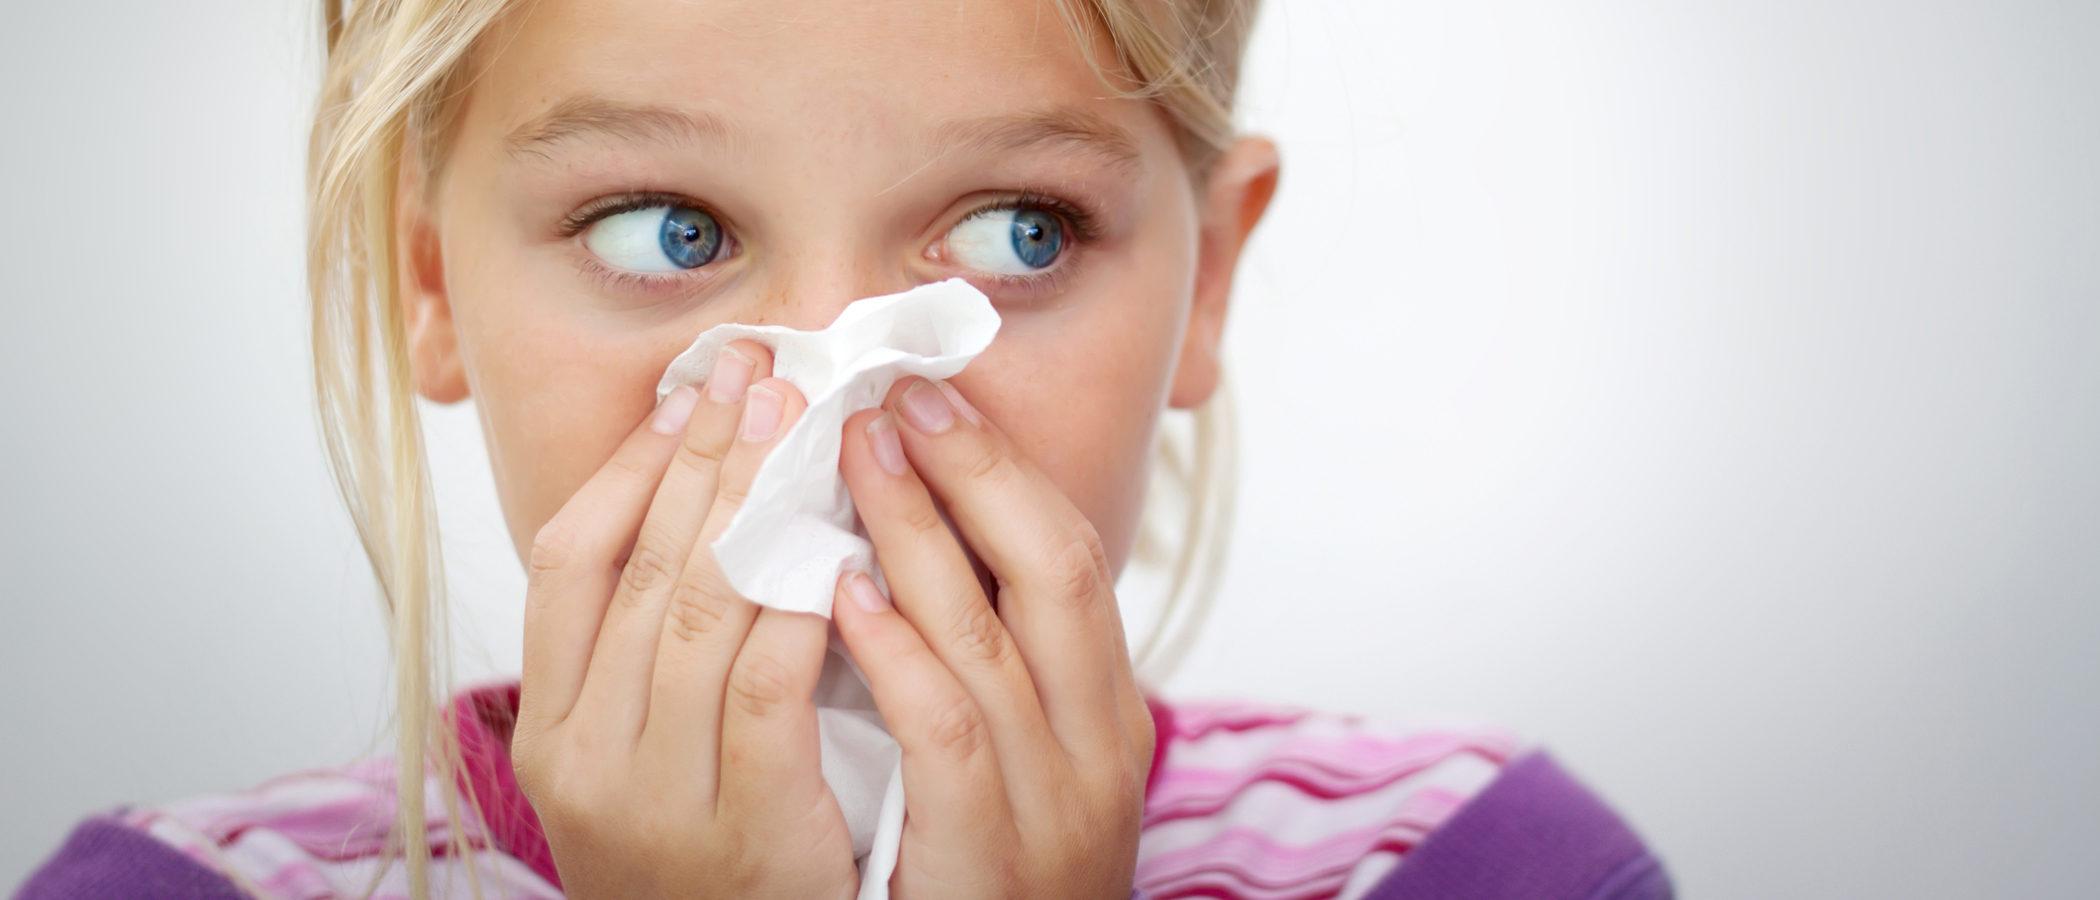 Antihistamínicos para la alergia en niños, ¿recomedables?